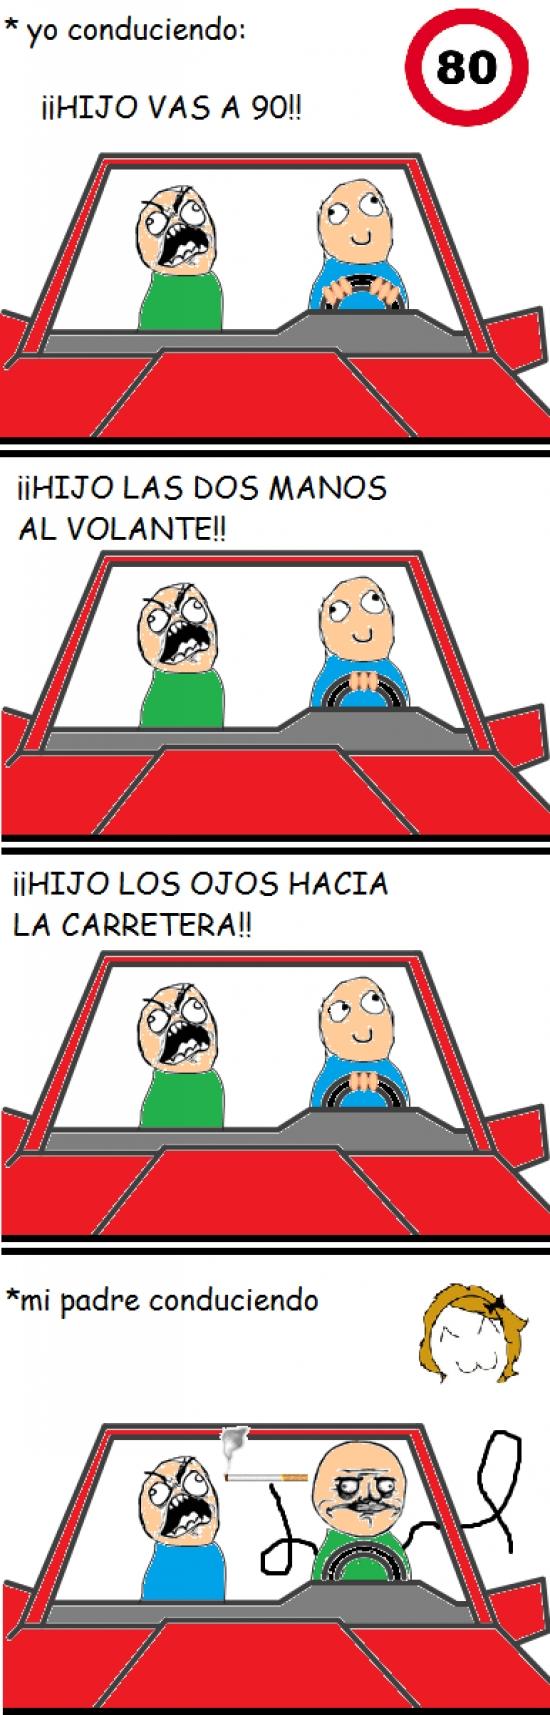 Ffffuuuuuuuuuu - Para esos padres pesados cuando estás conduciendo